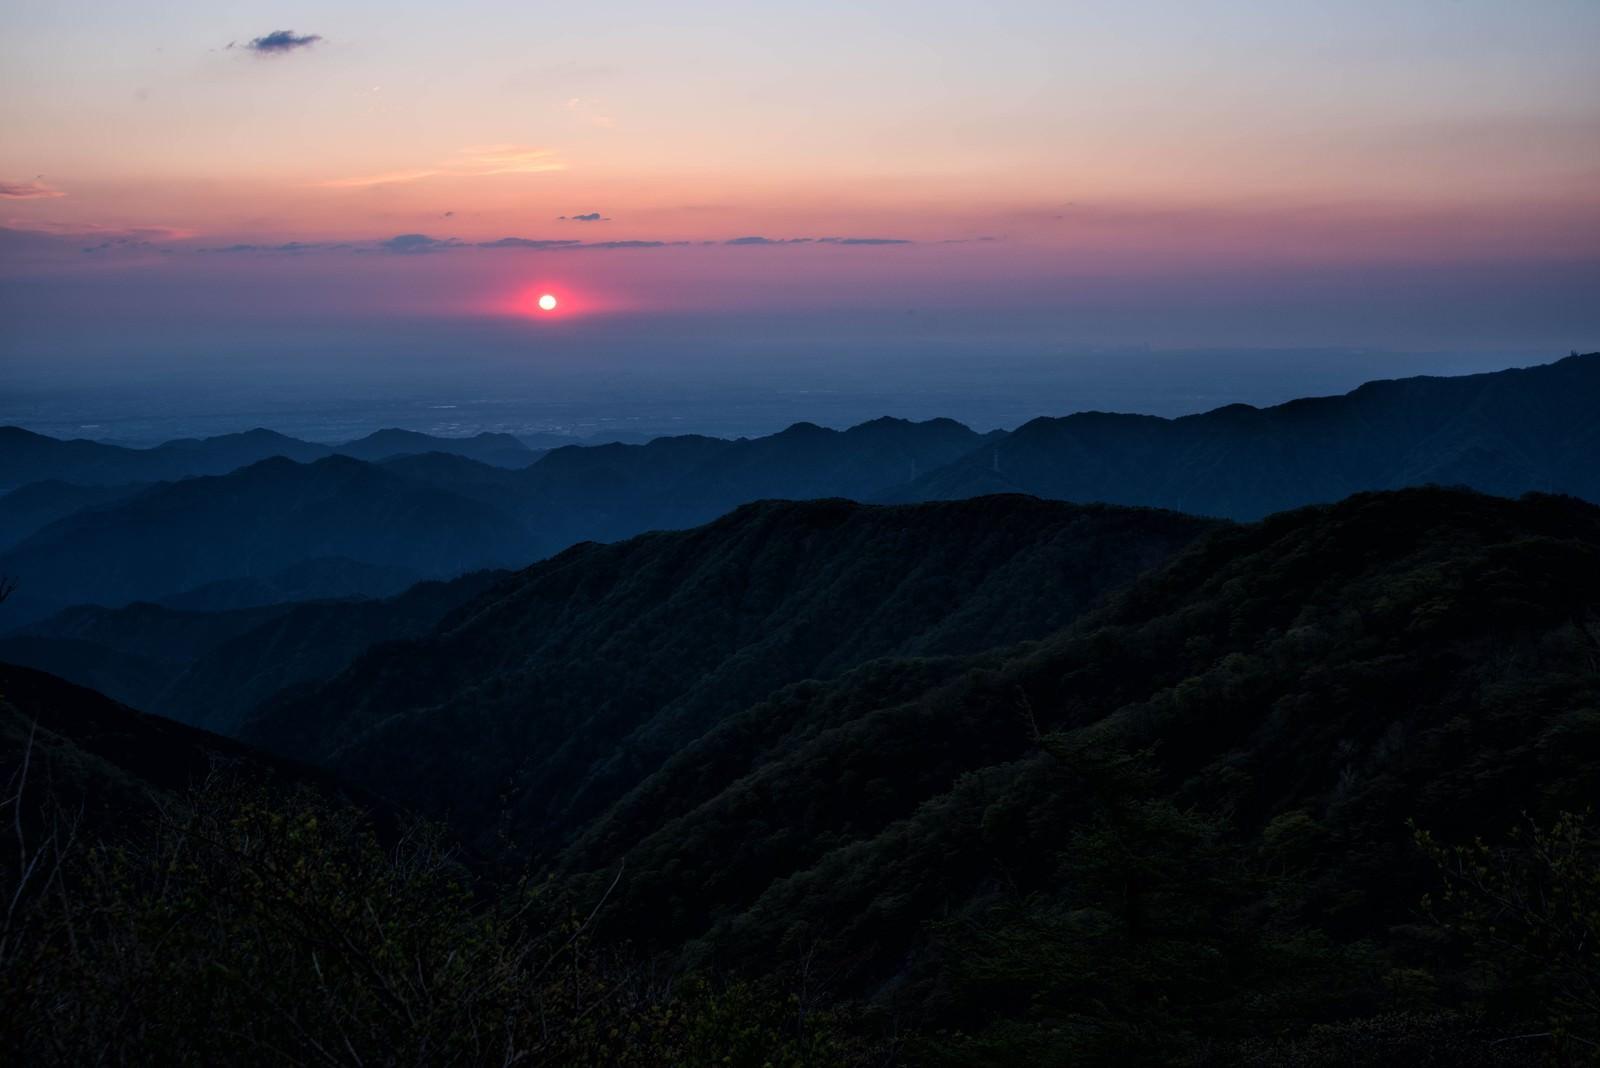 「朝焼けに染まる空と丹沢の朝日」の写真